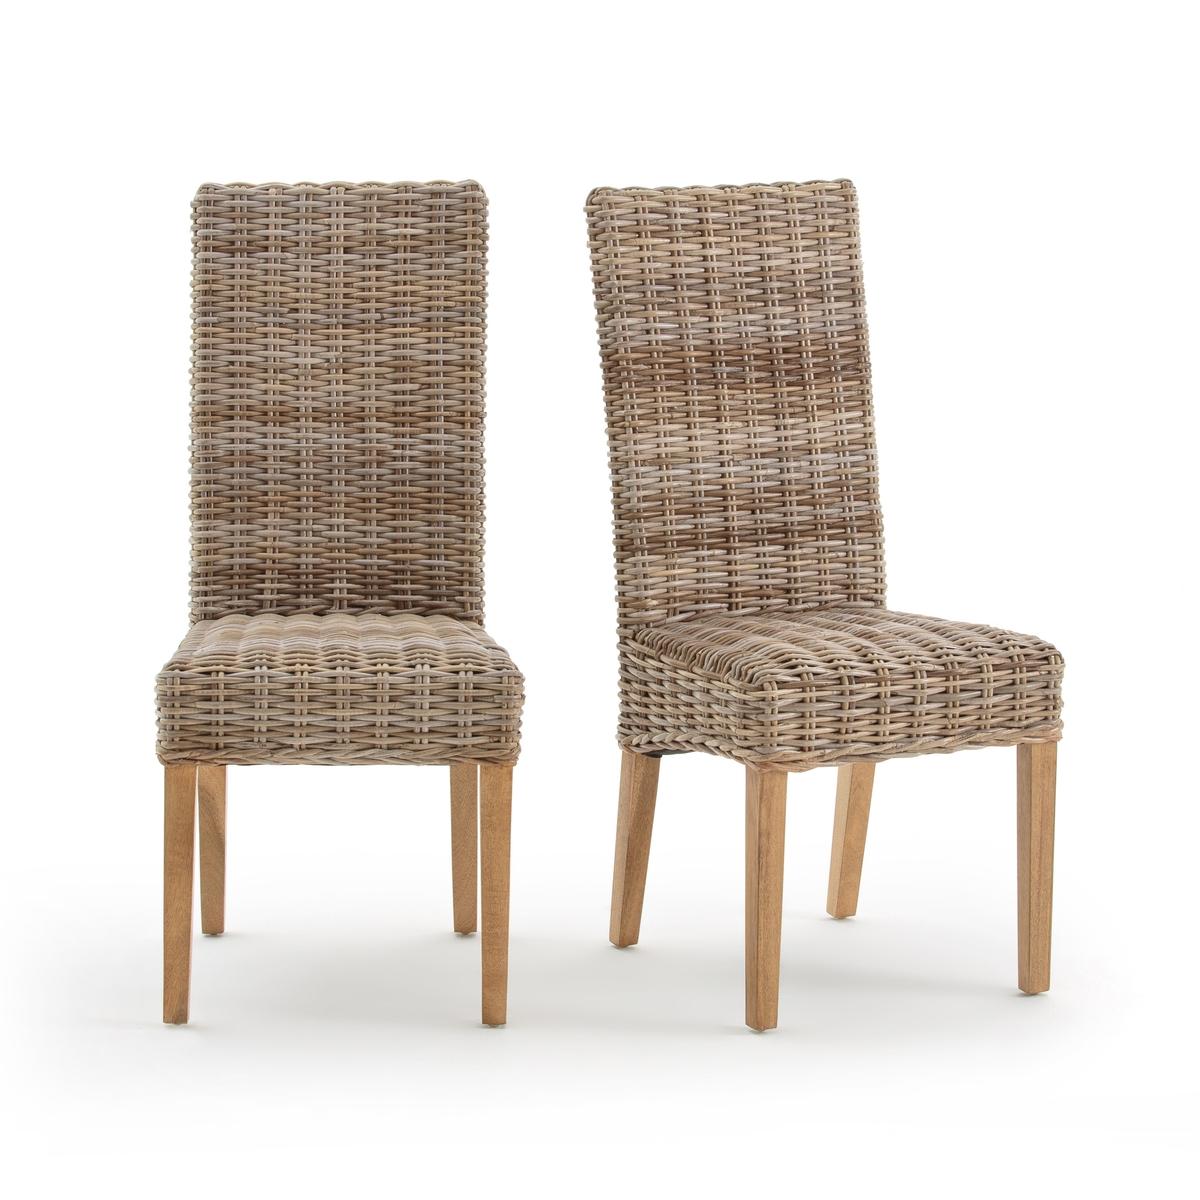 2 стула kubu с высокой спинкой, INQALUIT